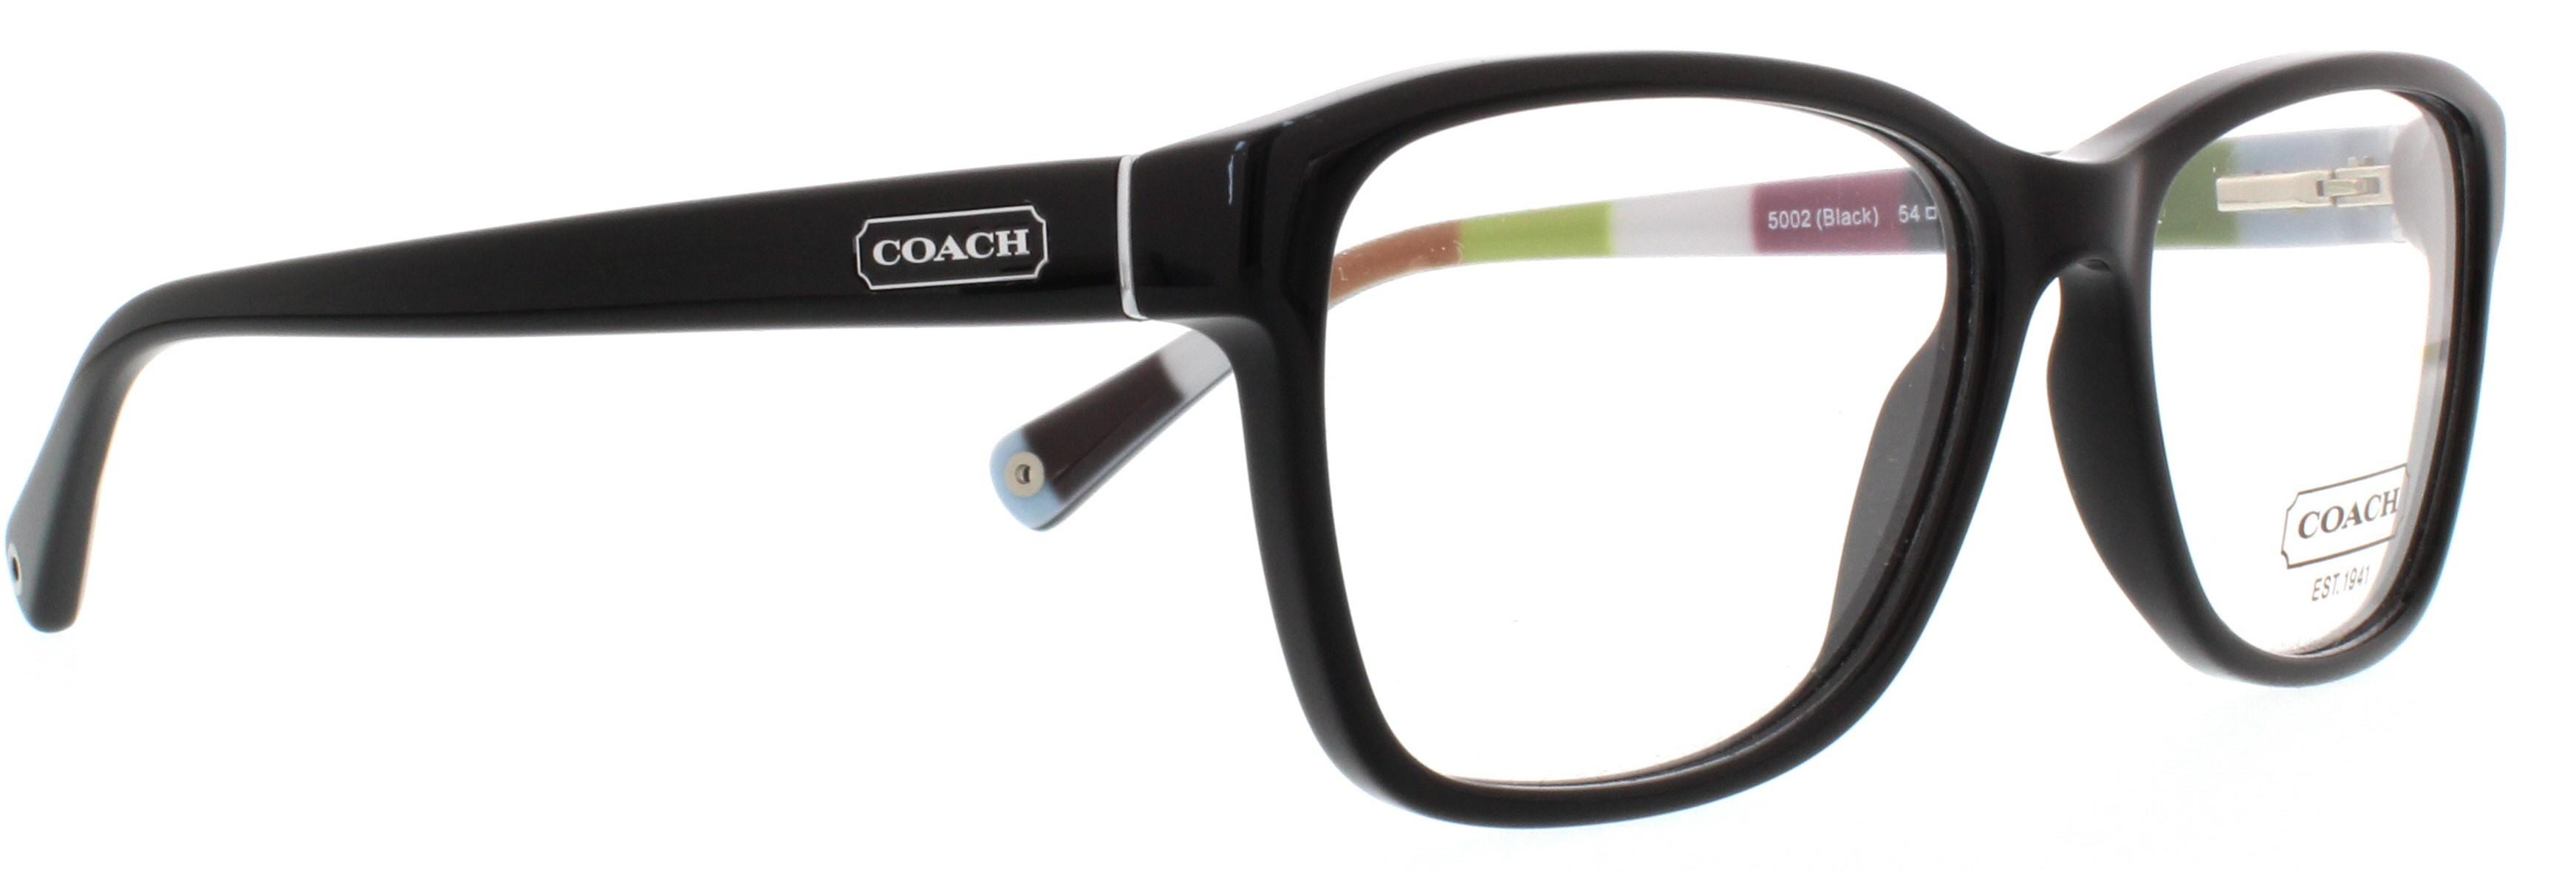 263cad86eb59 Designer Frames Outlet. Coach HC6013